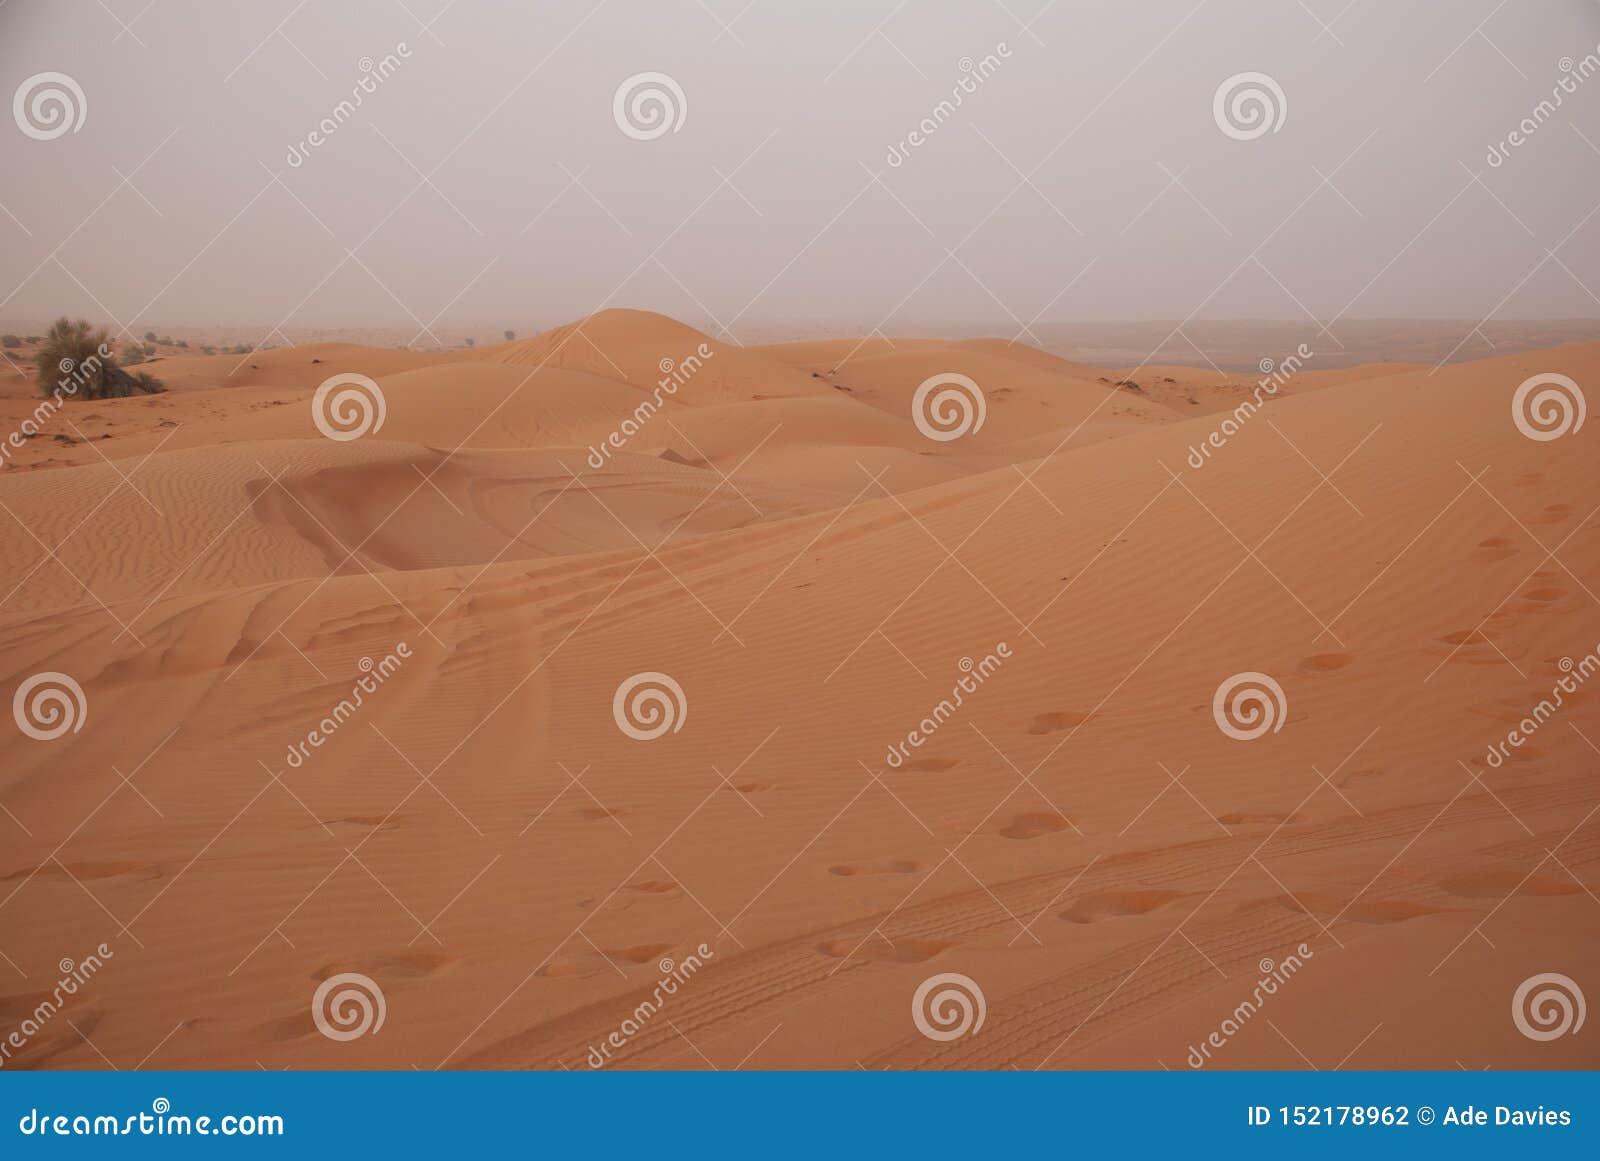 De duinen van het zand